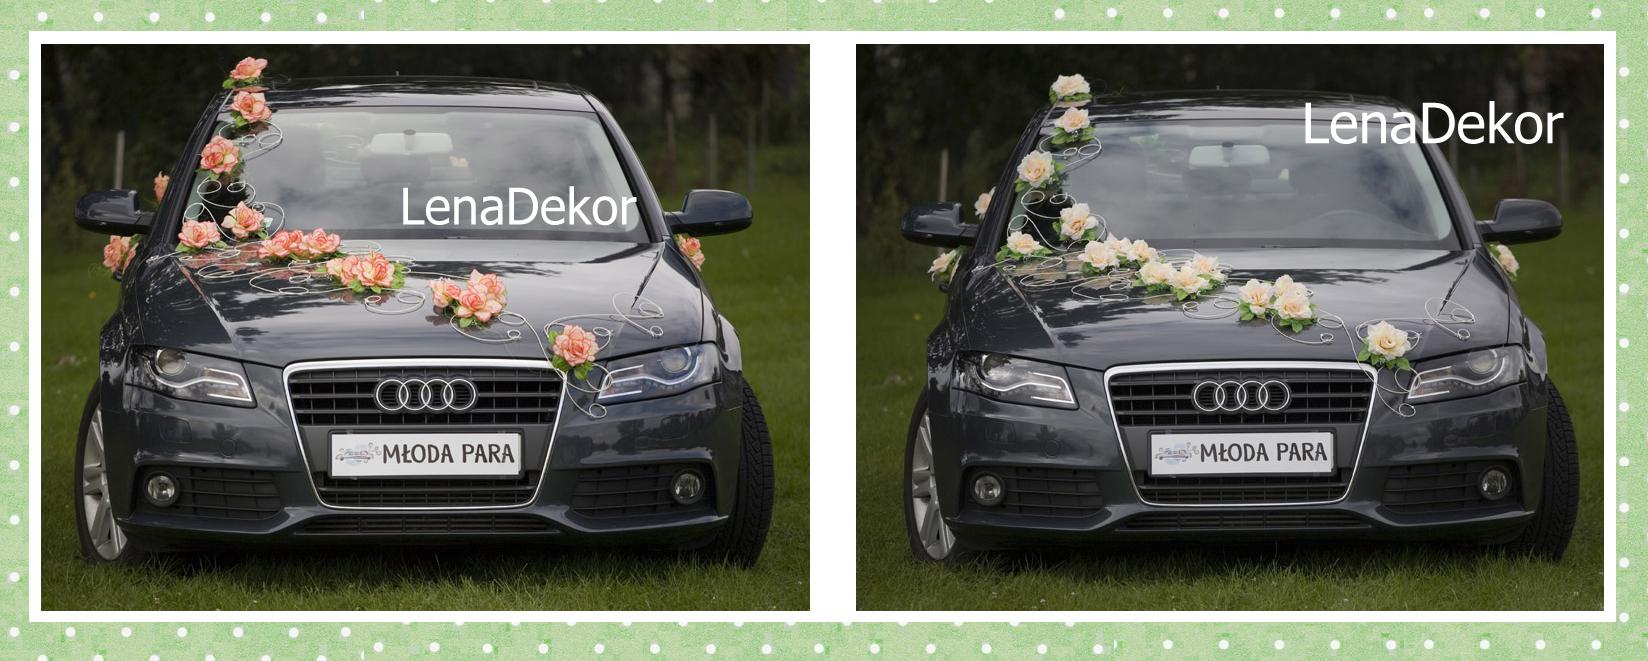 PARIS kremowa - dekoracja weselna na samochód